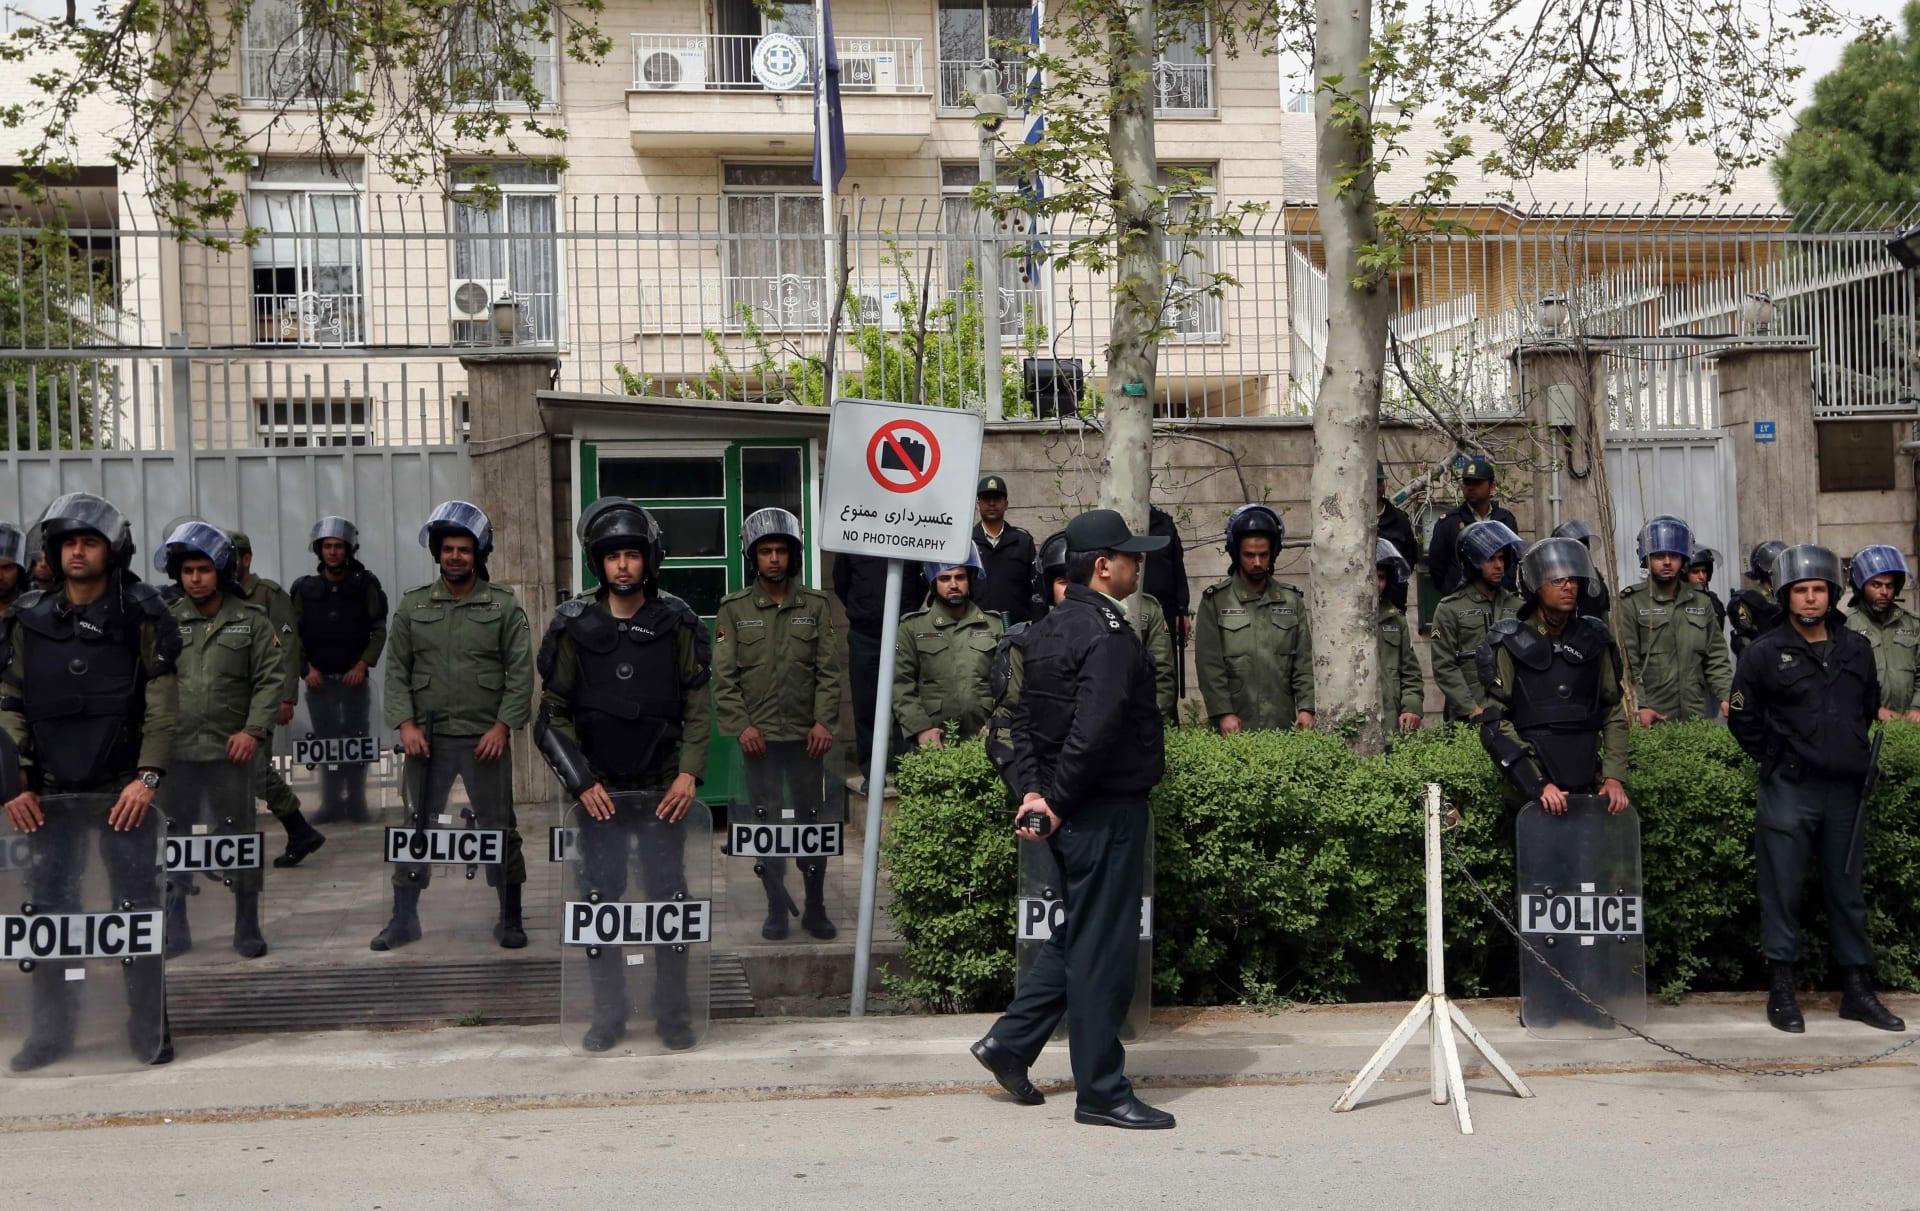 إيران: إطلاق النار على رجل حاول اقتحام مدخل مقر الرئاسة بسلاح أبيض